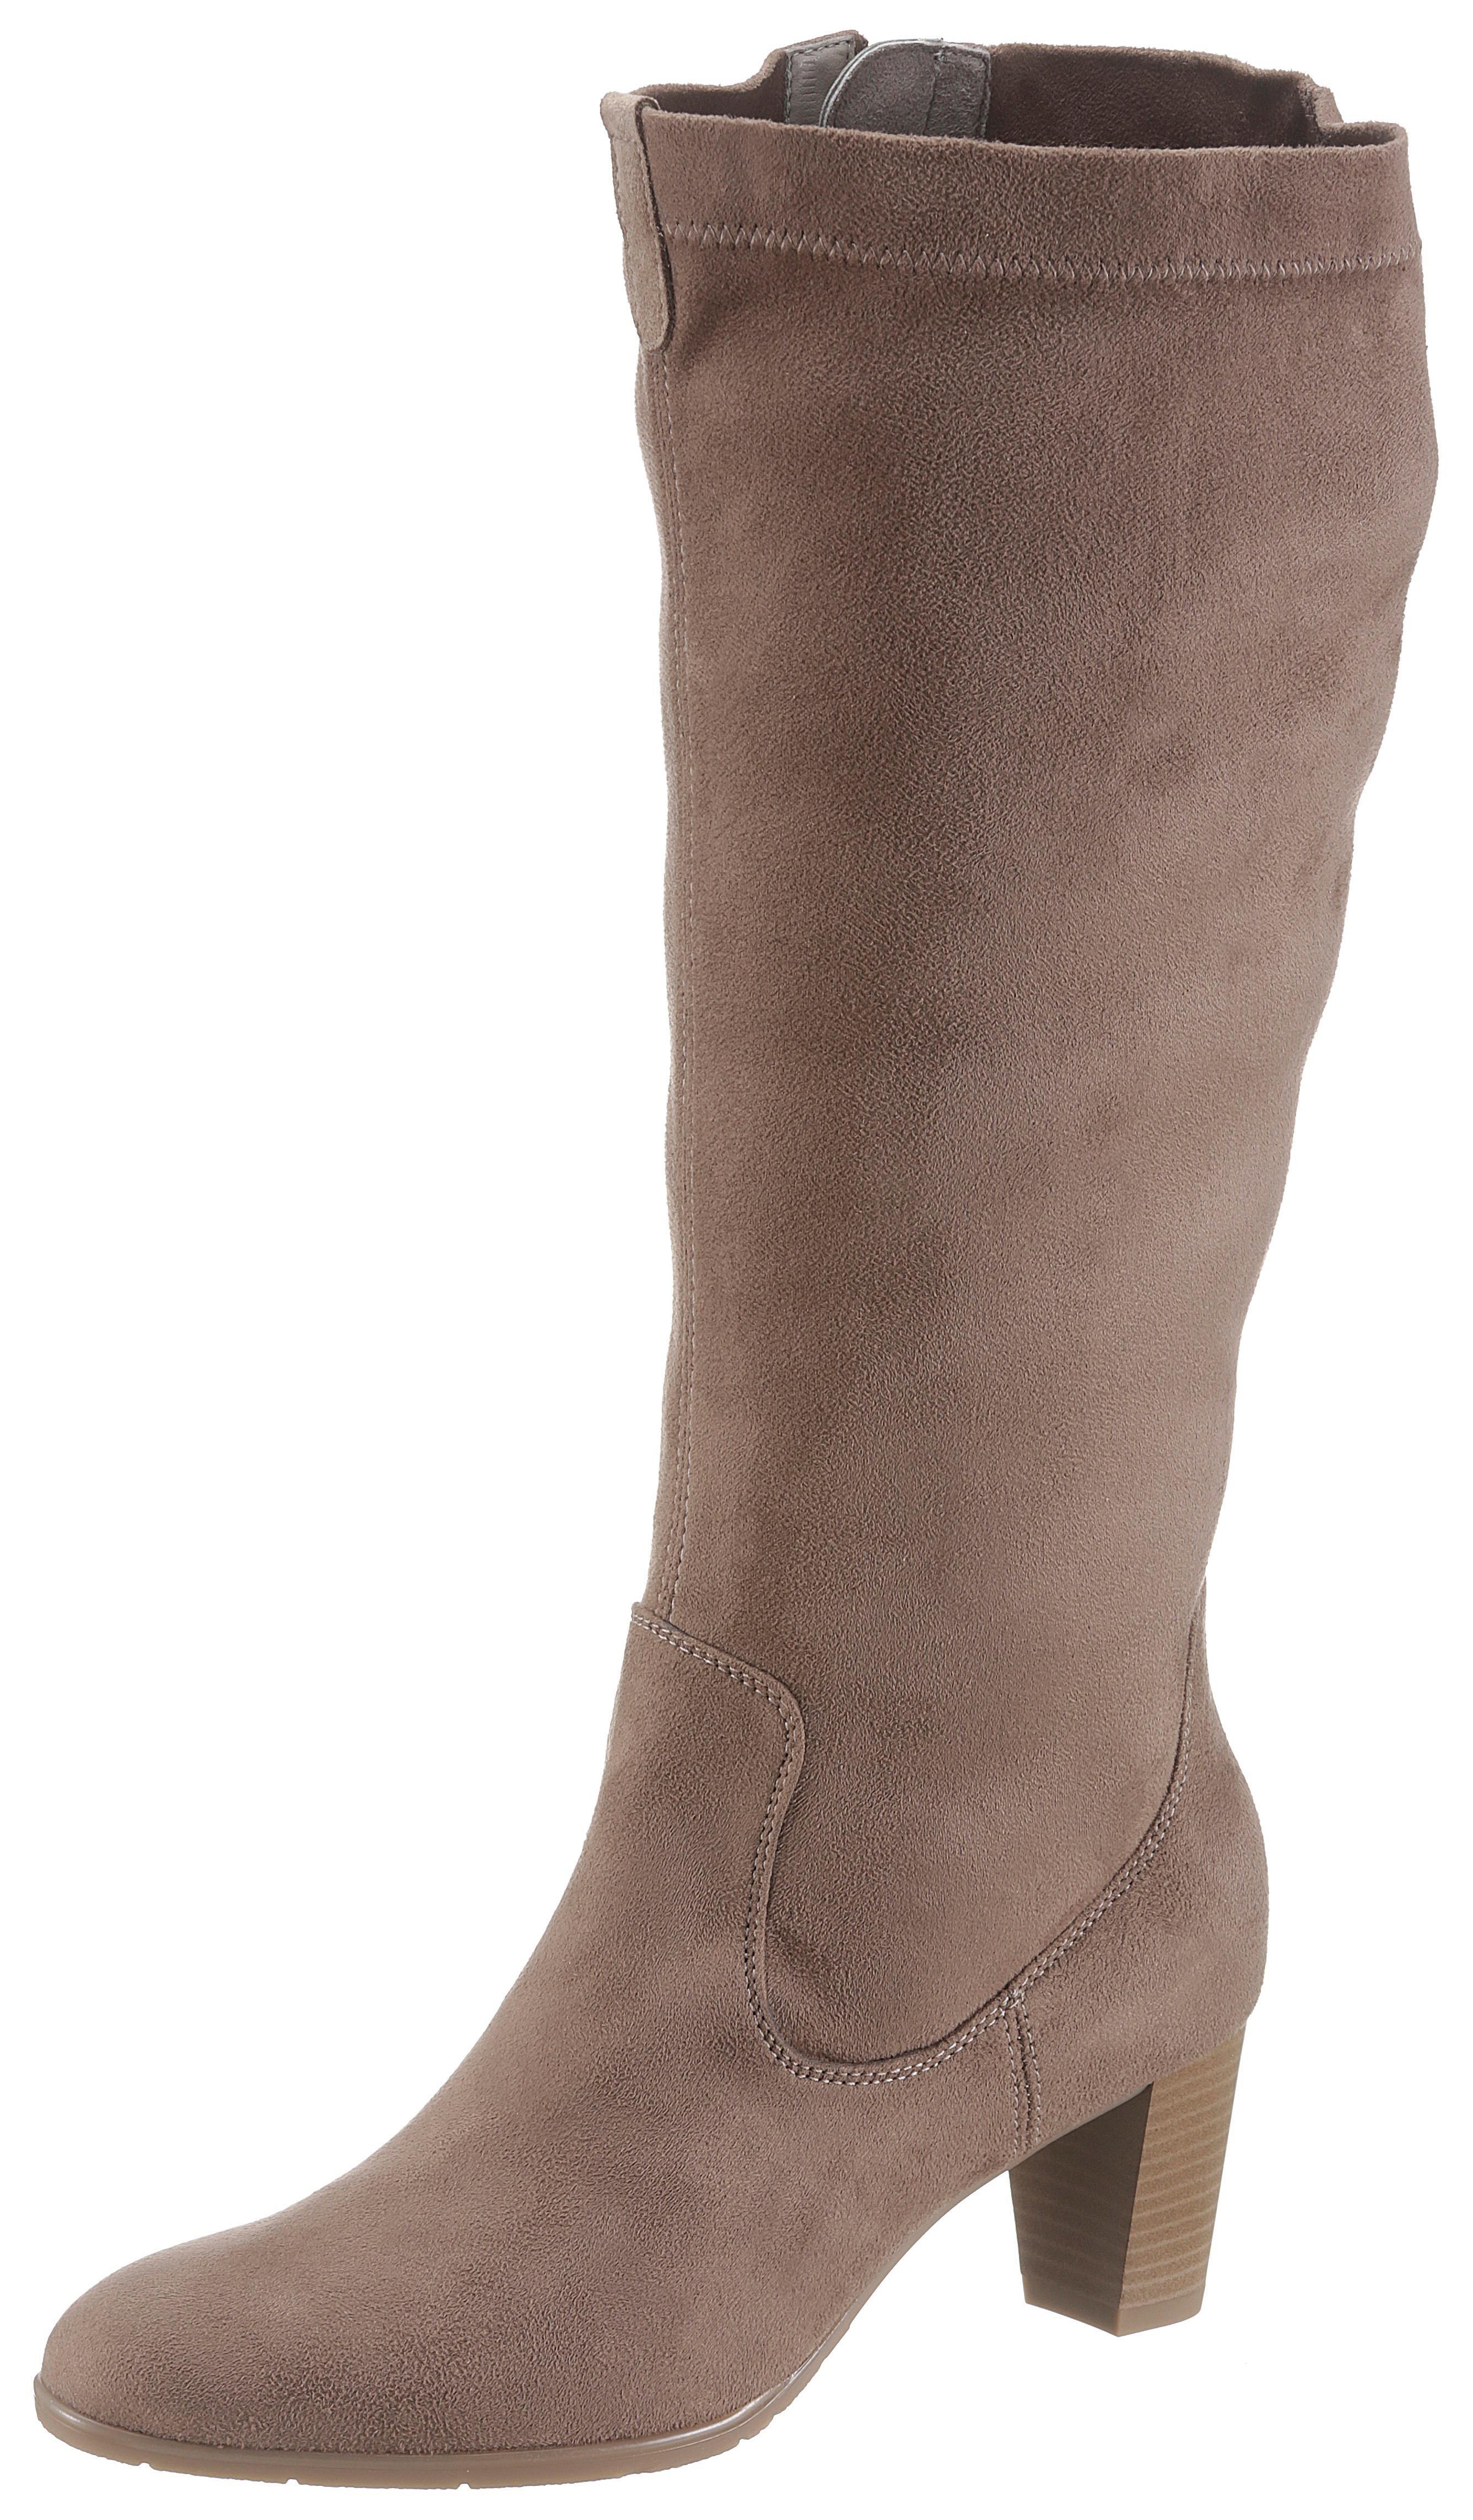 Jenny Weitschaftstiefel | Schuhe > Stiefel > Weitschaftstiefel | Jenny